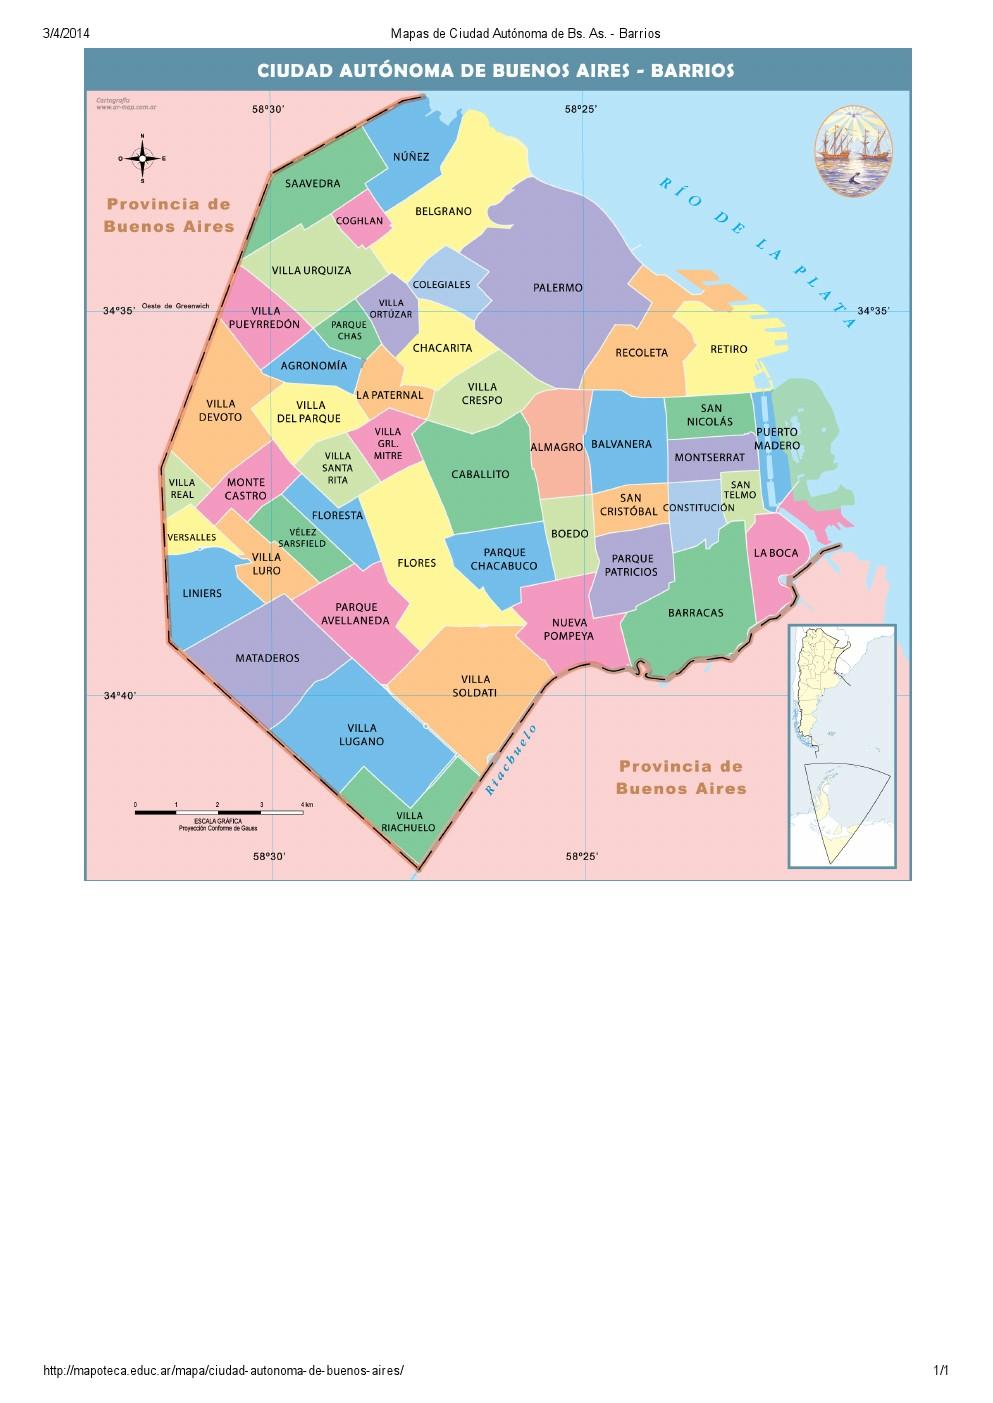 Mapa de barrios de la ciudad de Buenos Aires. Mapoteca de Educ.ar